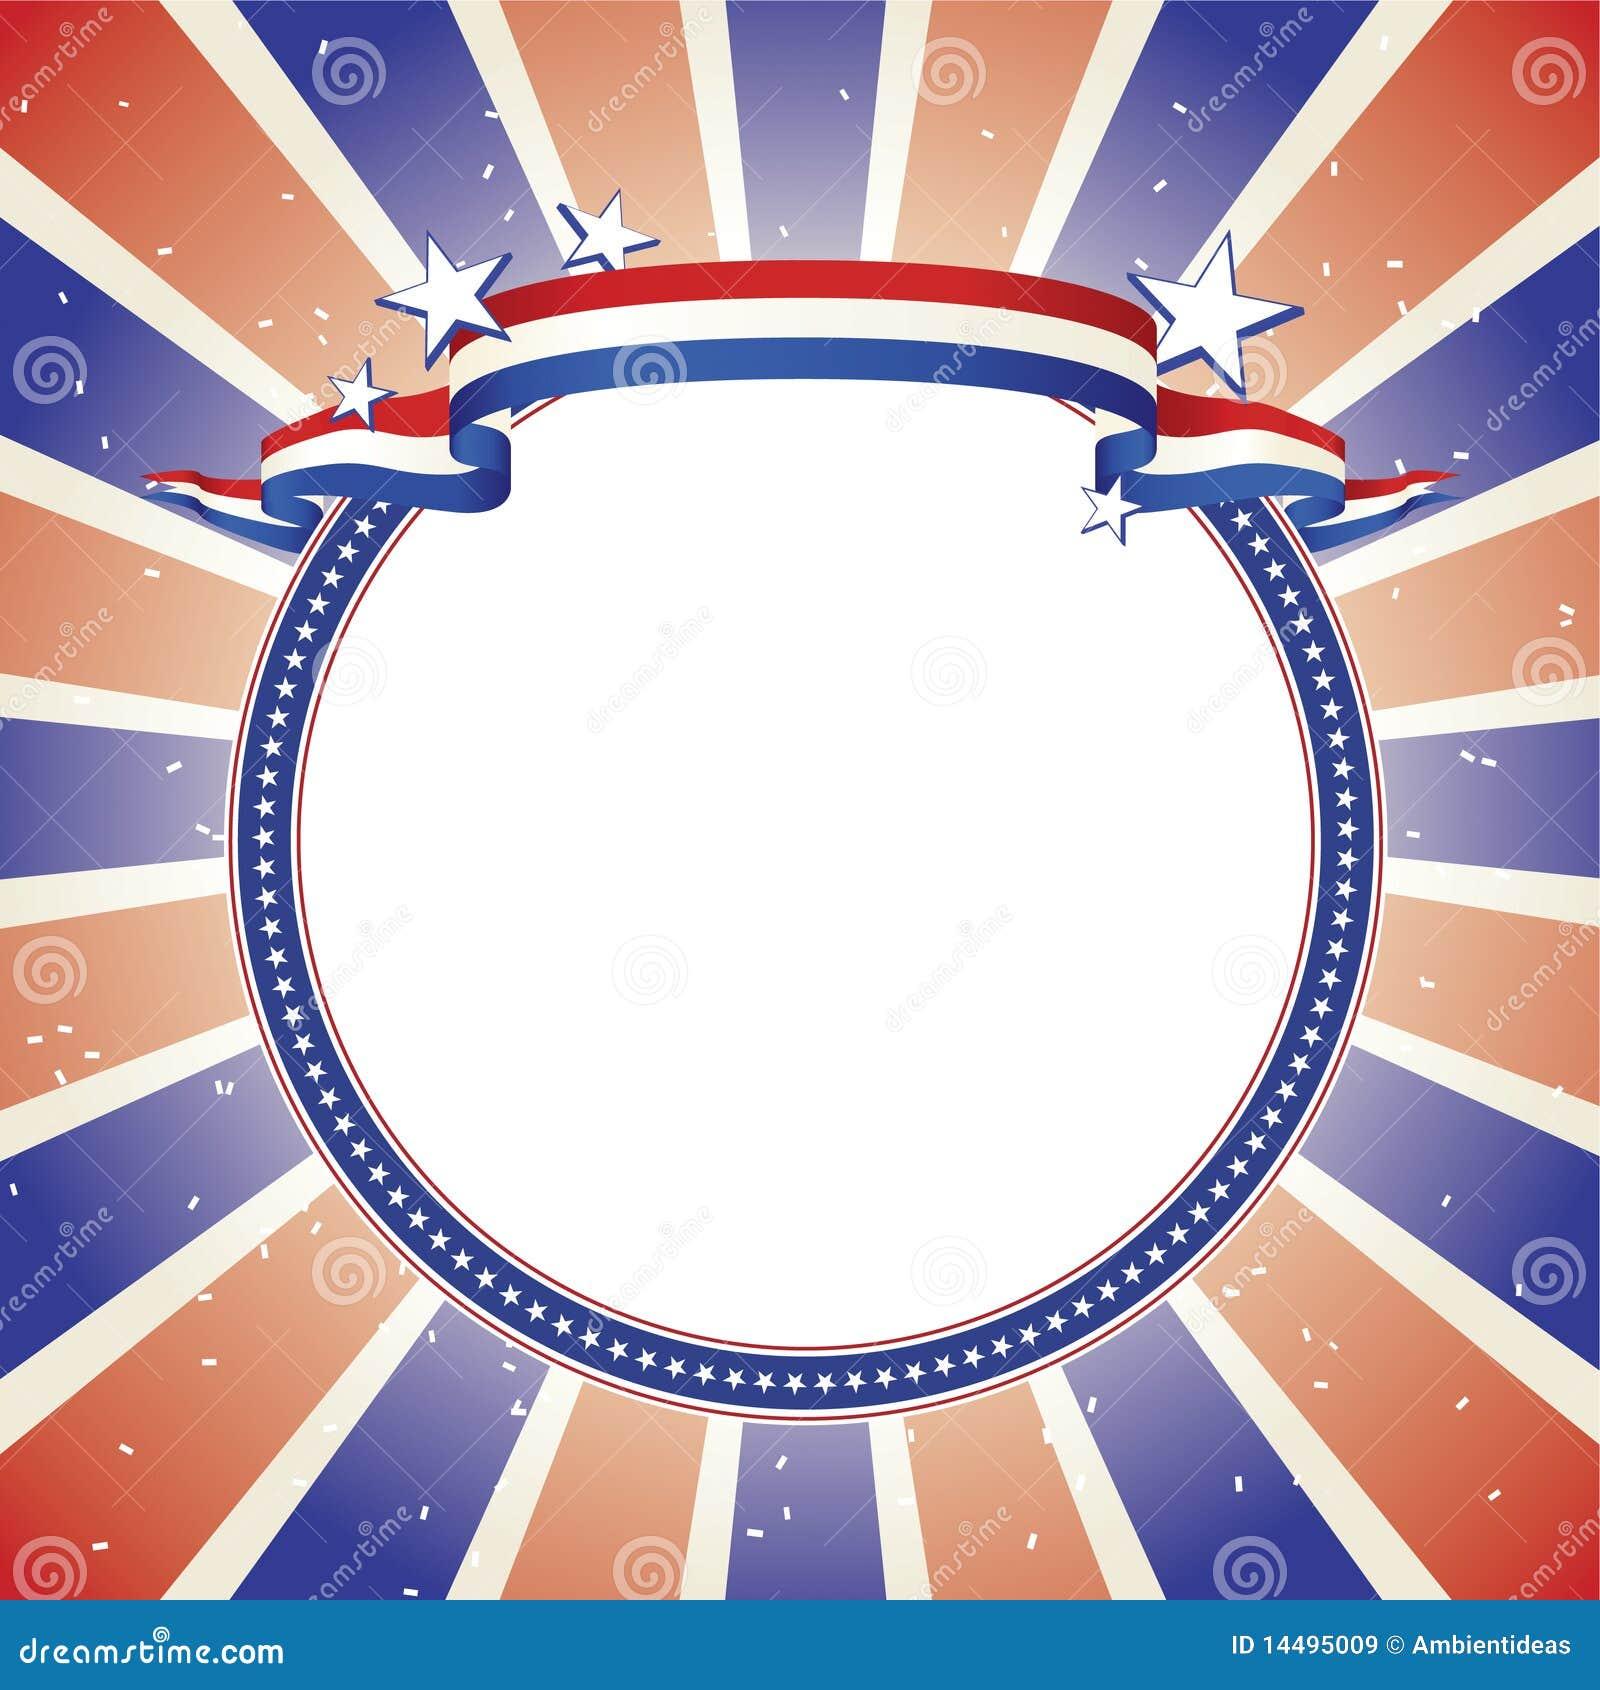 Bandera patriótica en círculo alineado estrella decorativa